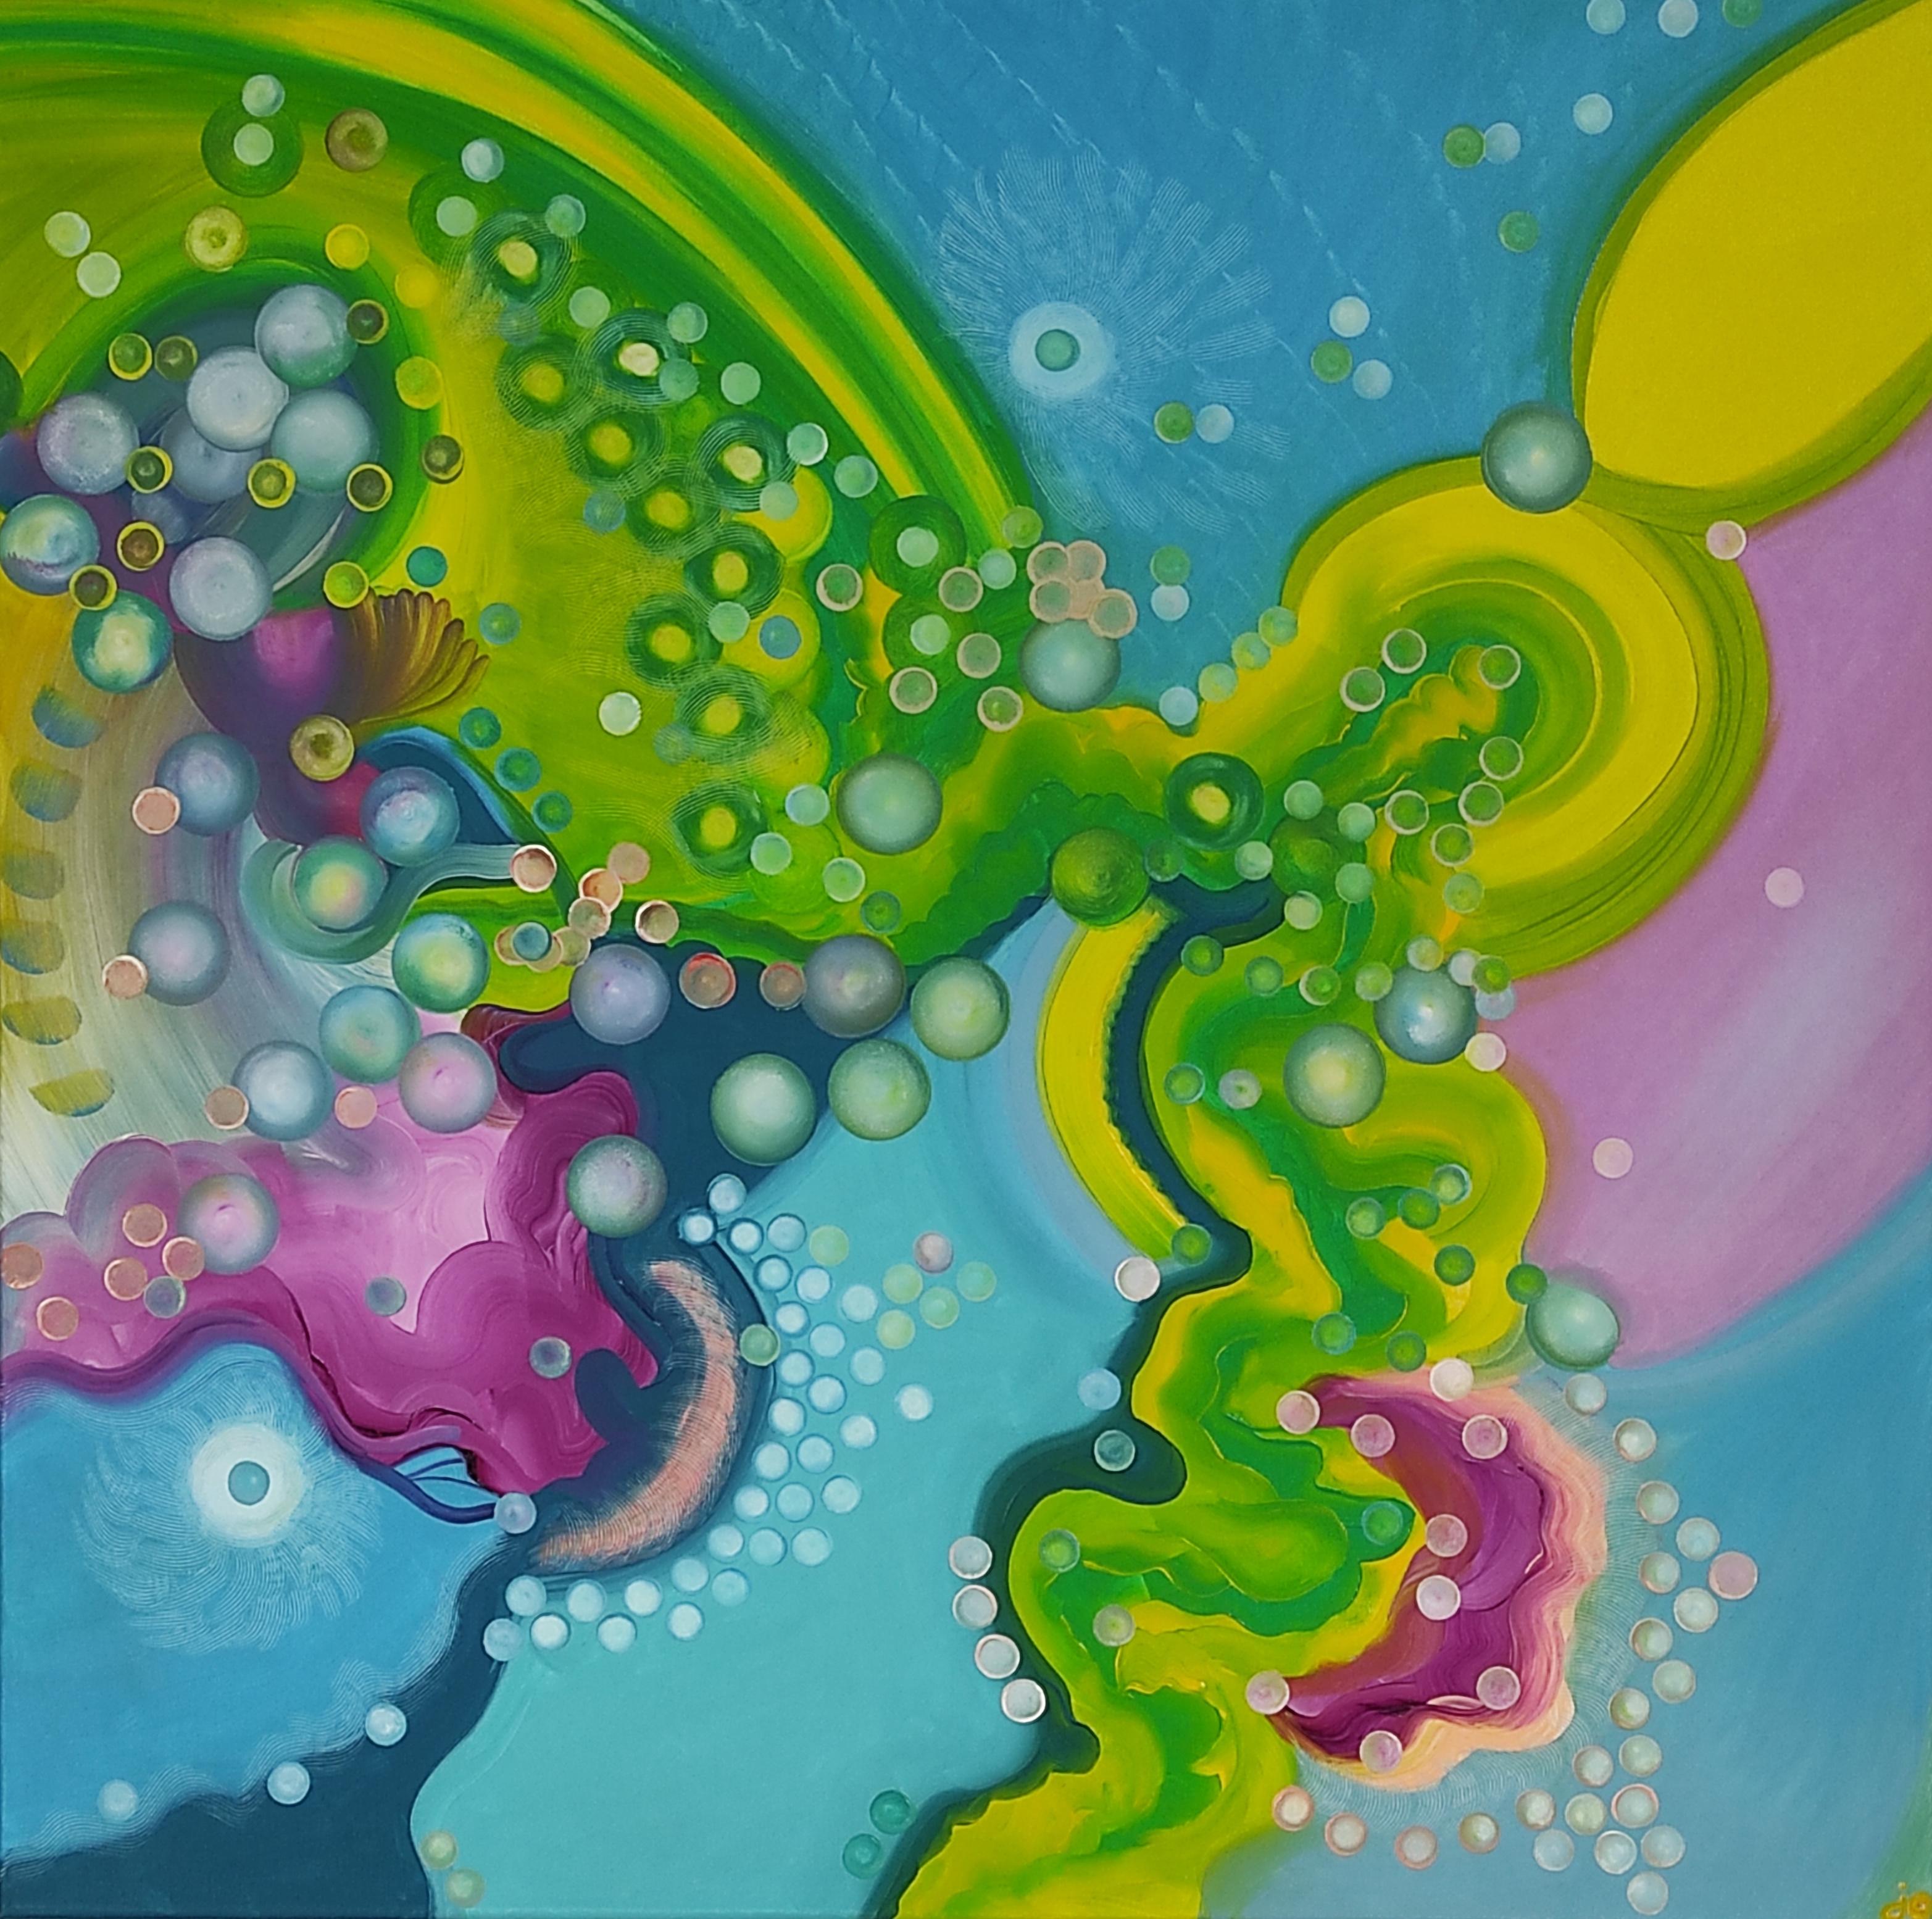 abstrakcja, obraz olejny, do salonu, malarstwo współczesne, malarstwo abstrakcyjne, wyobraźnia, 2021 art, abstrakt art, malarstwo olejne, ręcznie malowane,oryginalne, magicznie, sztuka do wnętrz, obraz na płótnie